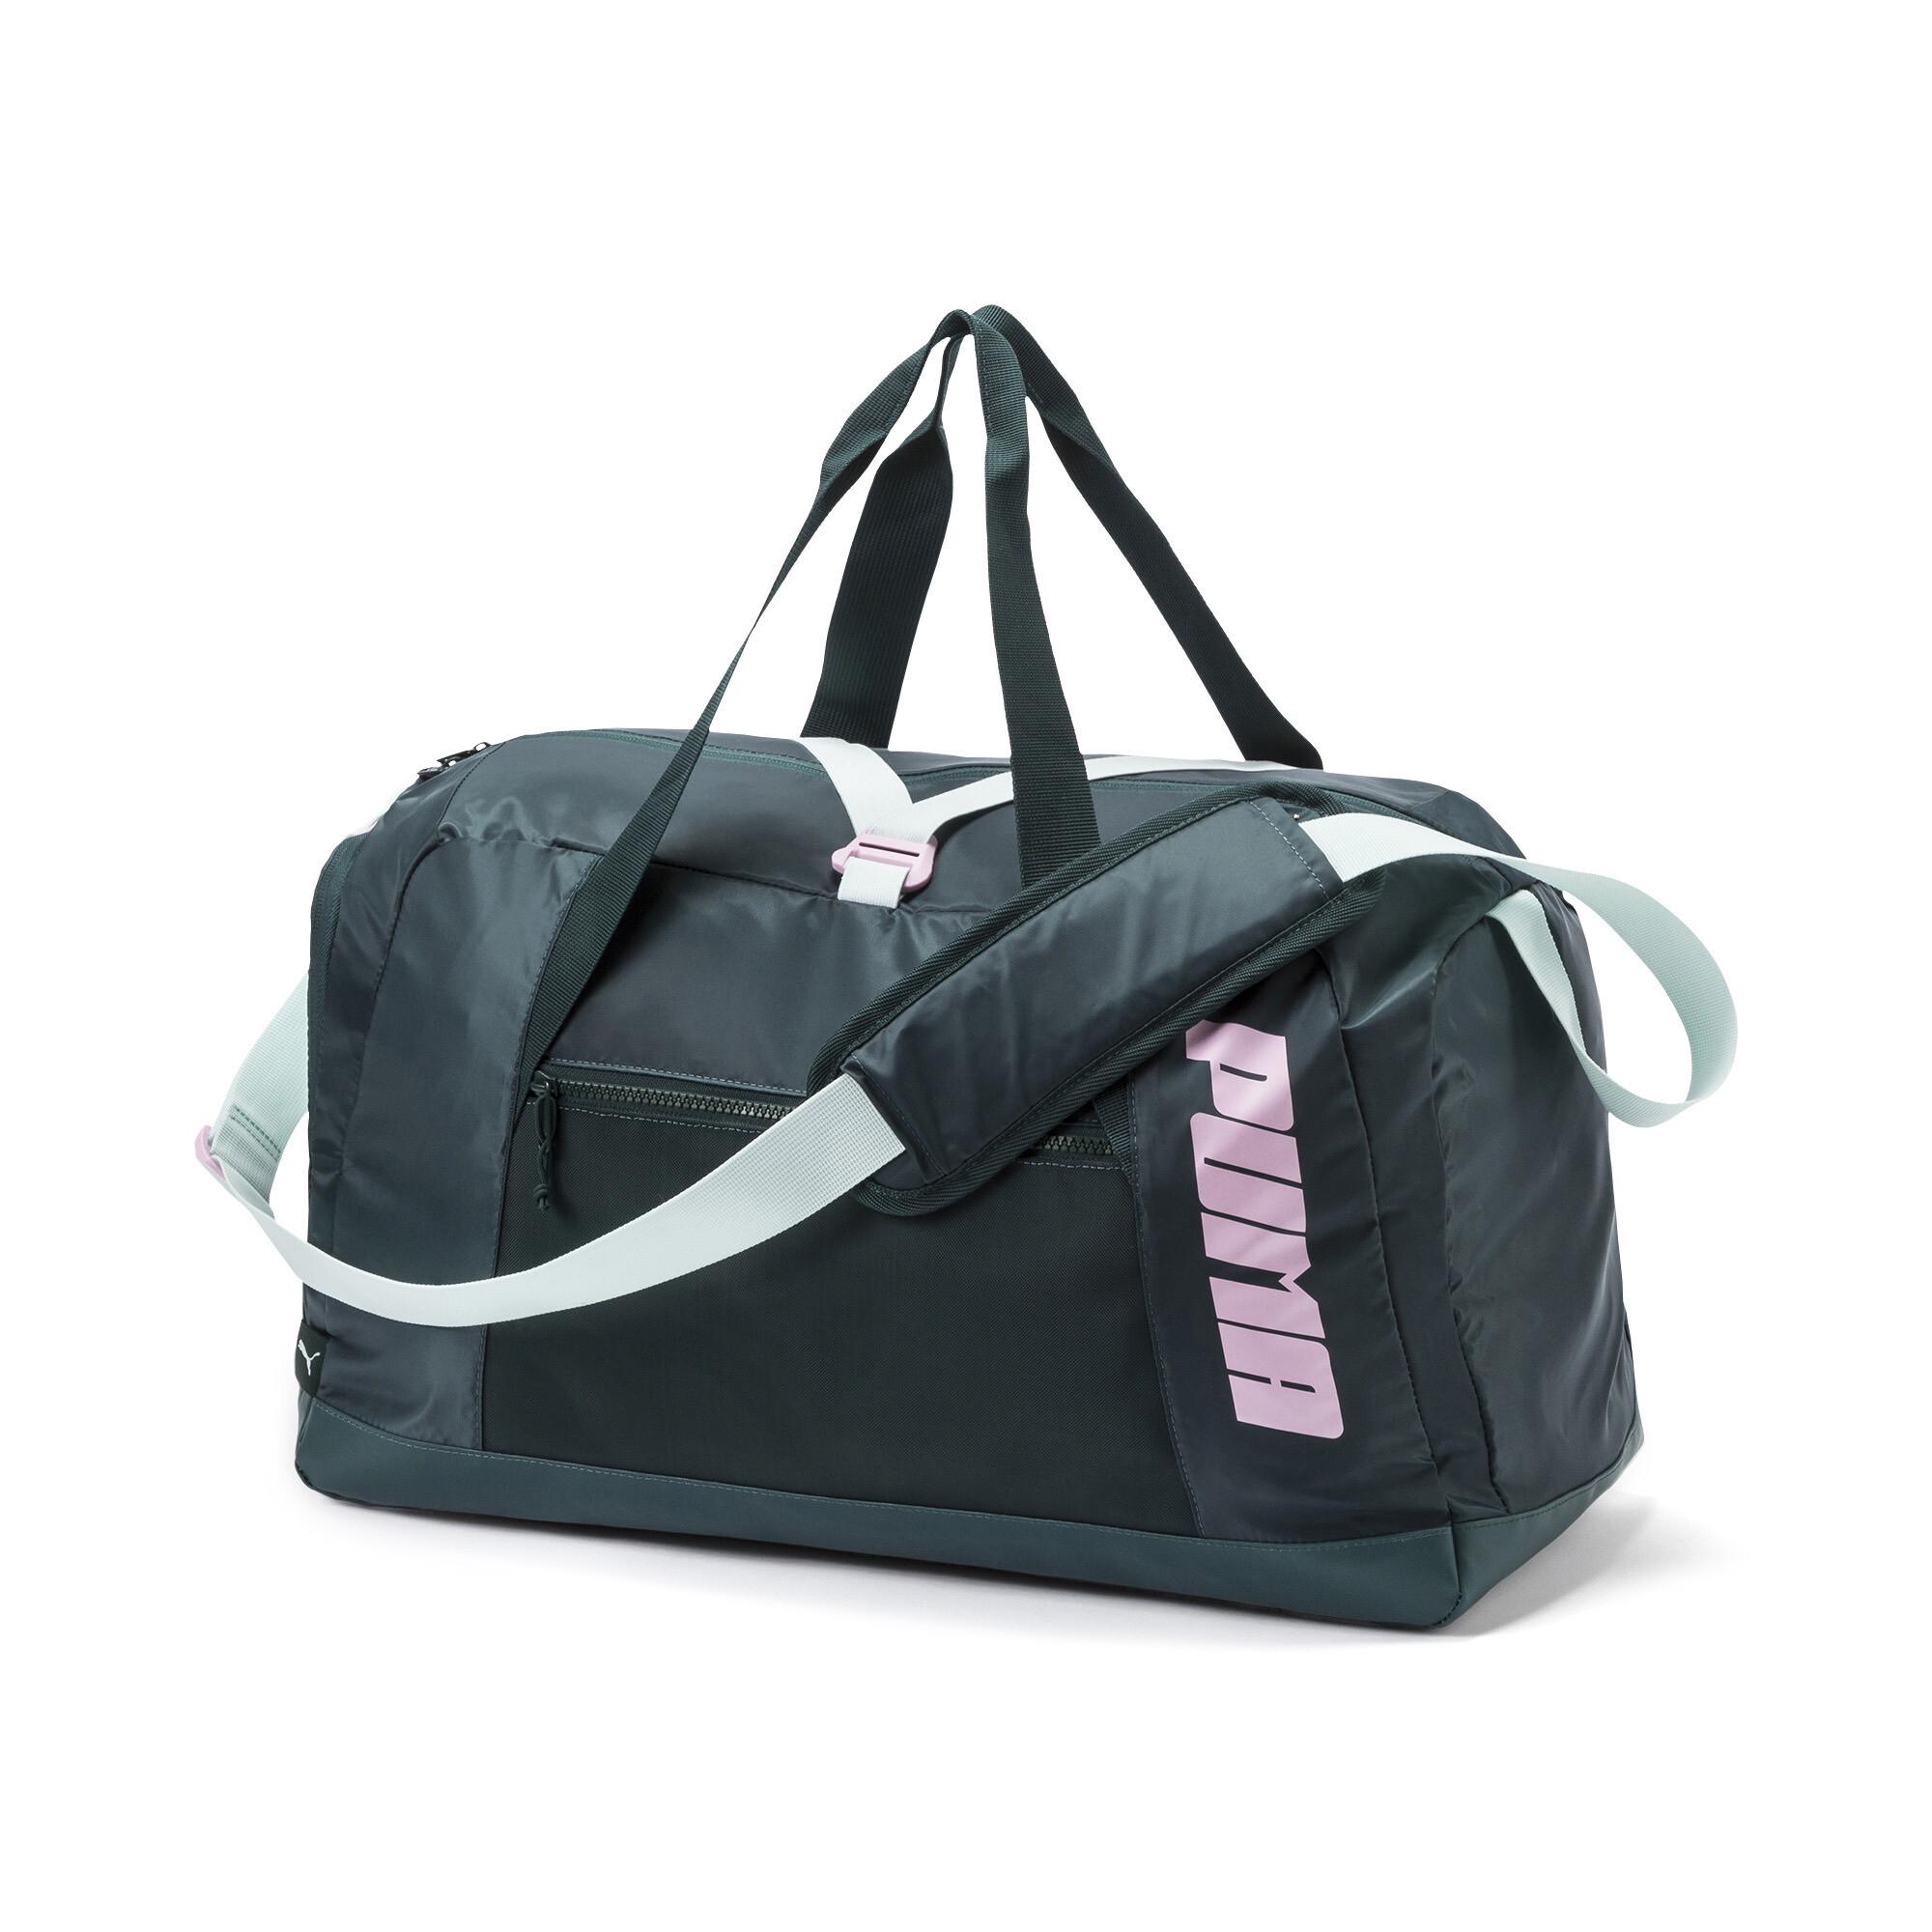 eec1c7917227 Женские спортивные сумки Puma - купите в интернет-магазине